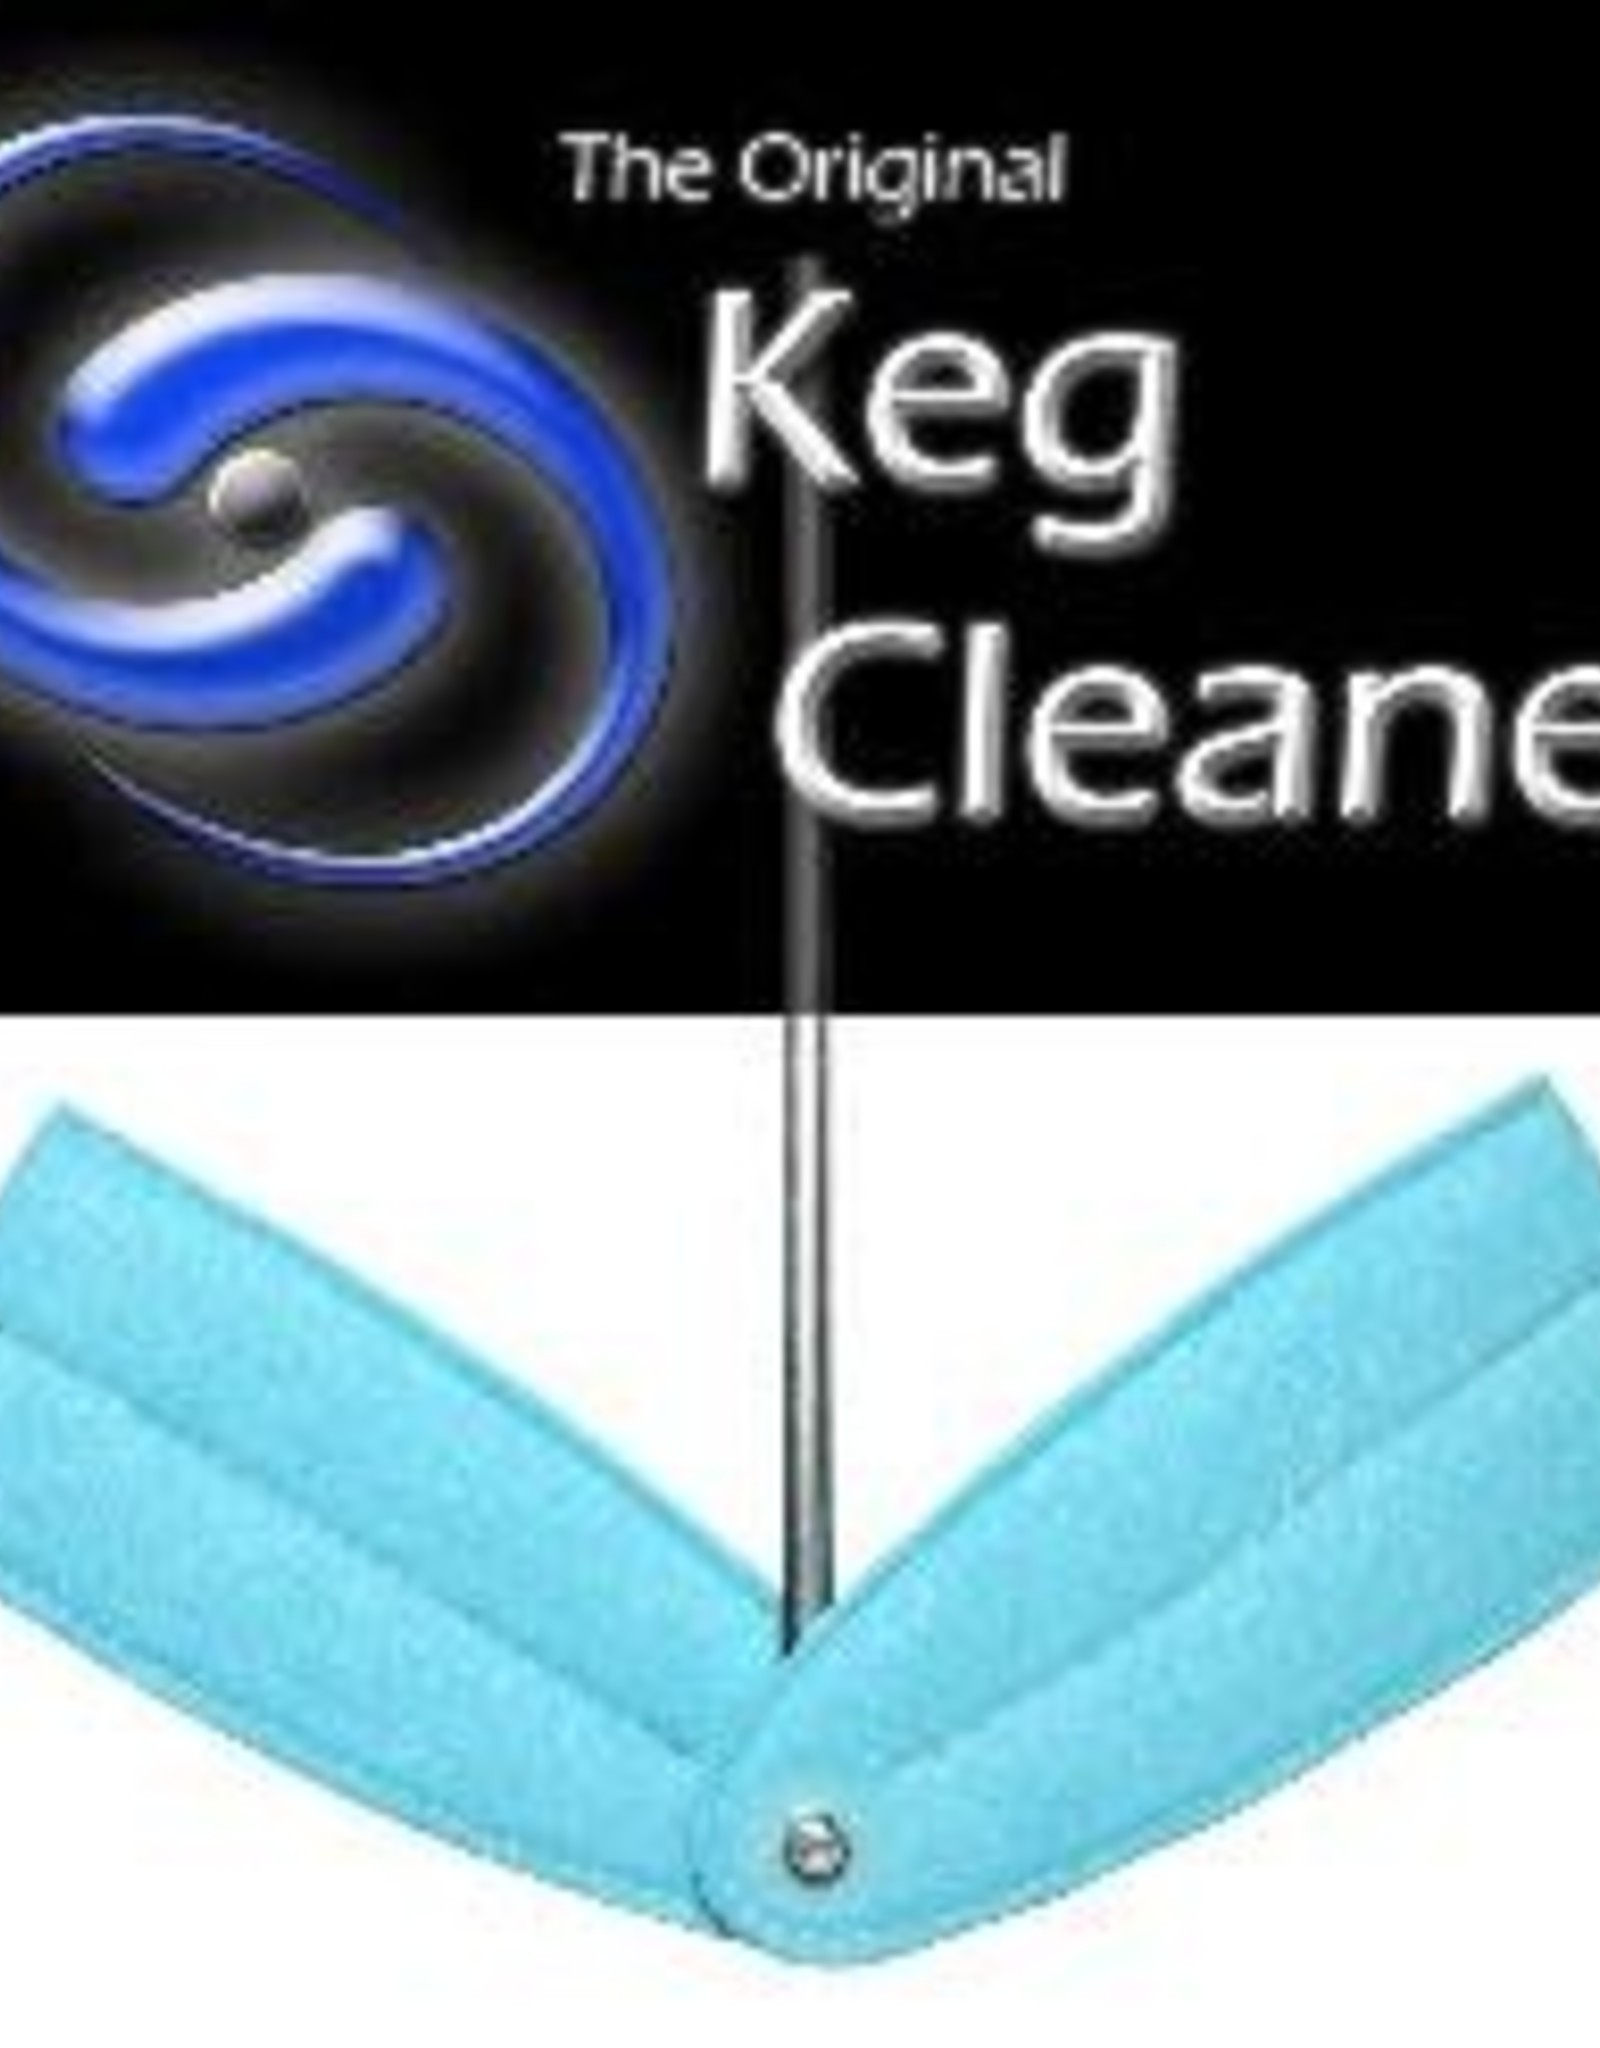 THE KEG CLEANER